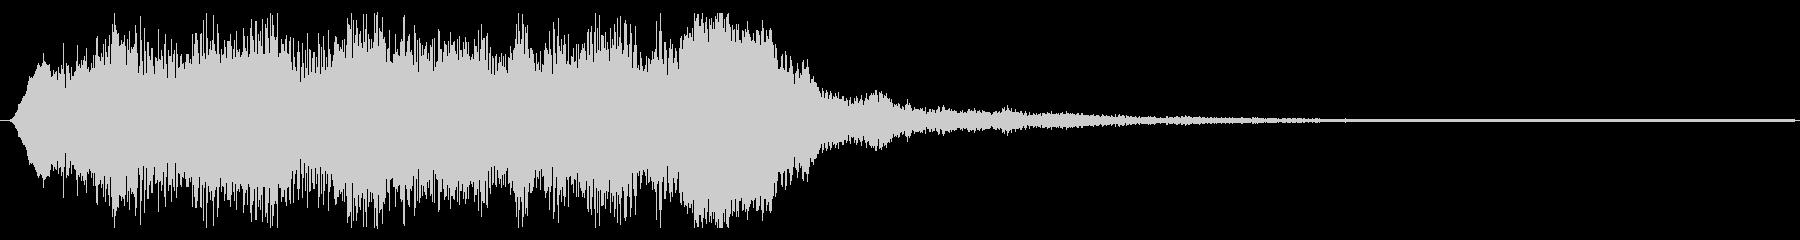 バイオリンのクラシカルフレーズ 場面転換の未再生の波形